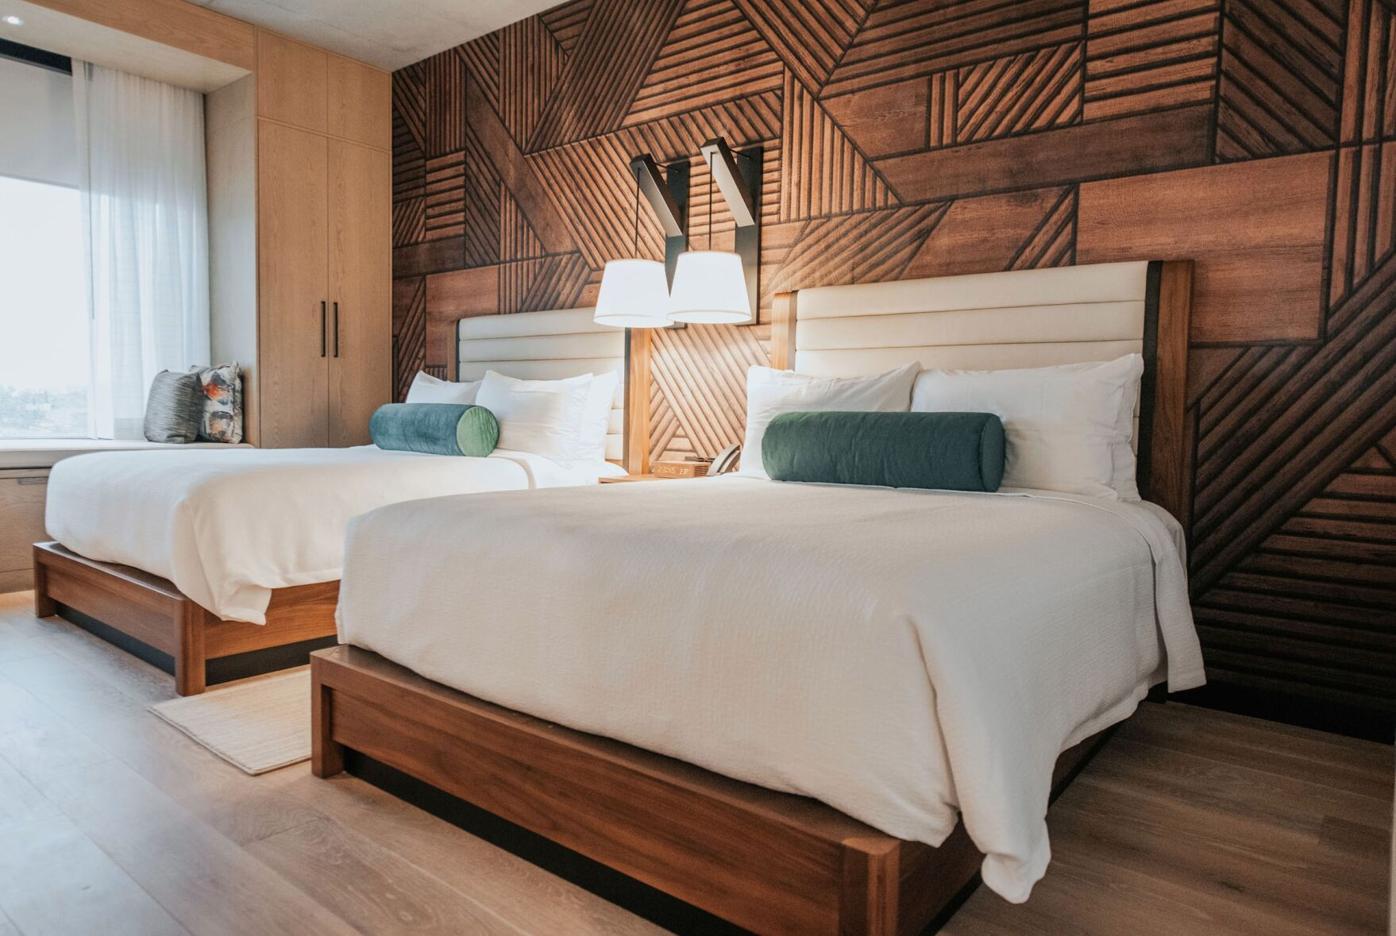 060221_MNS_new_hotels_002 Bellyard double queen bedroom